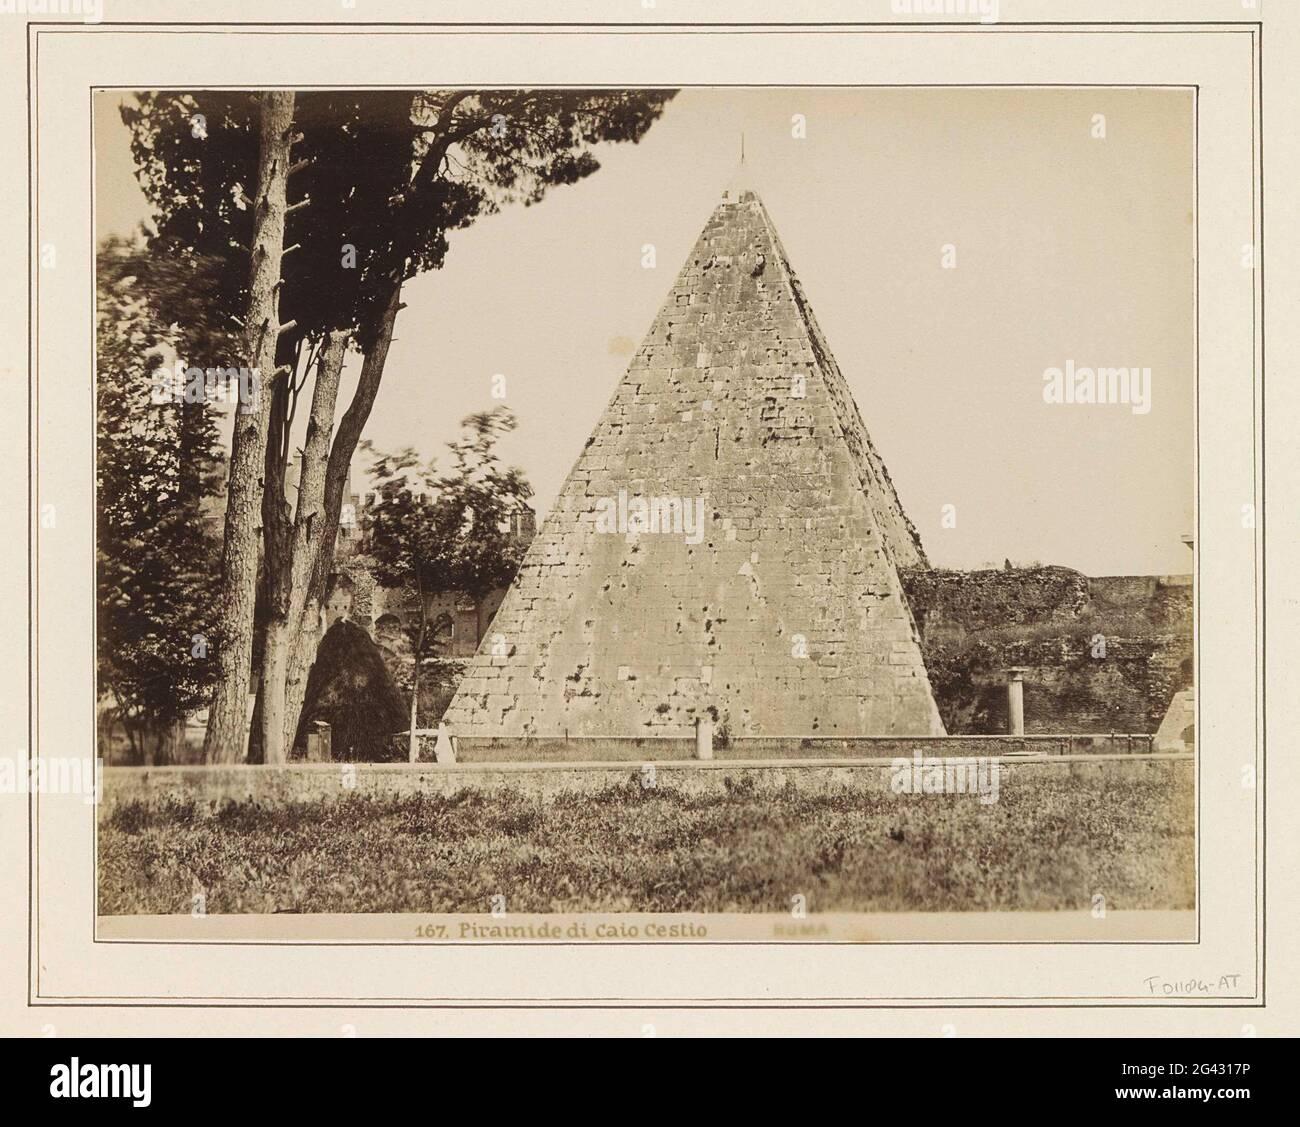 Außenansicht der Pyramide von Cestius in Rom; Pyramid di Caio Cestio Roma. Teil des Reisealbums mit Bildern von Sehenswürdigkeiten in Italien (Teil I). Stockfoto